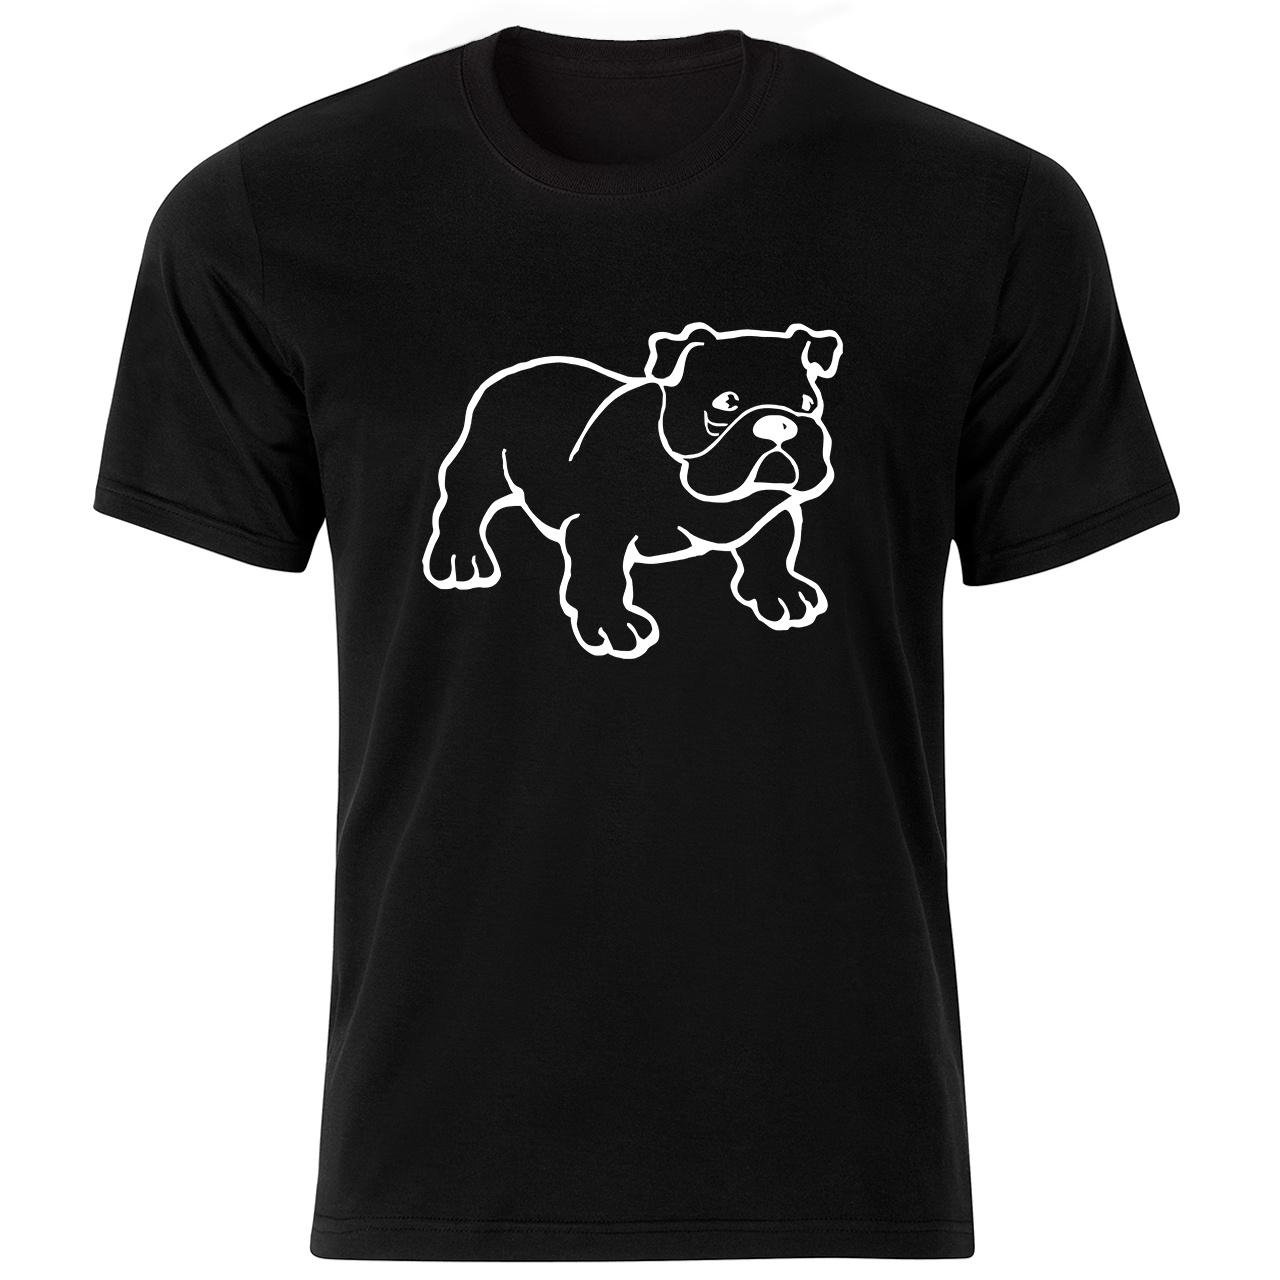 تی شرت آستین کوتاه مردانه طرح سگ کد ۱۸۰۳۲ BW